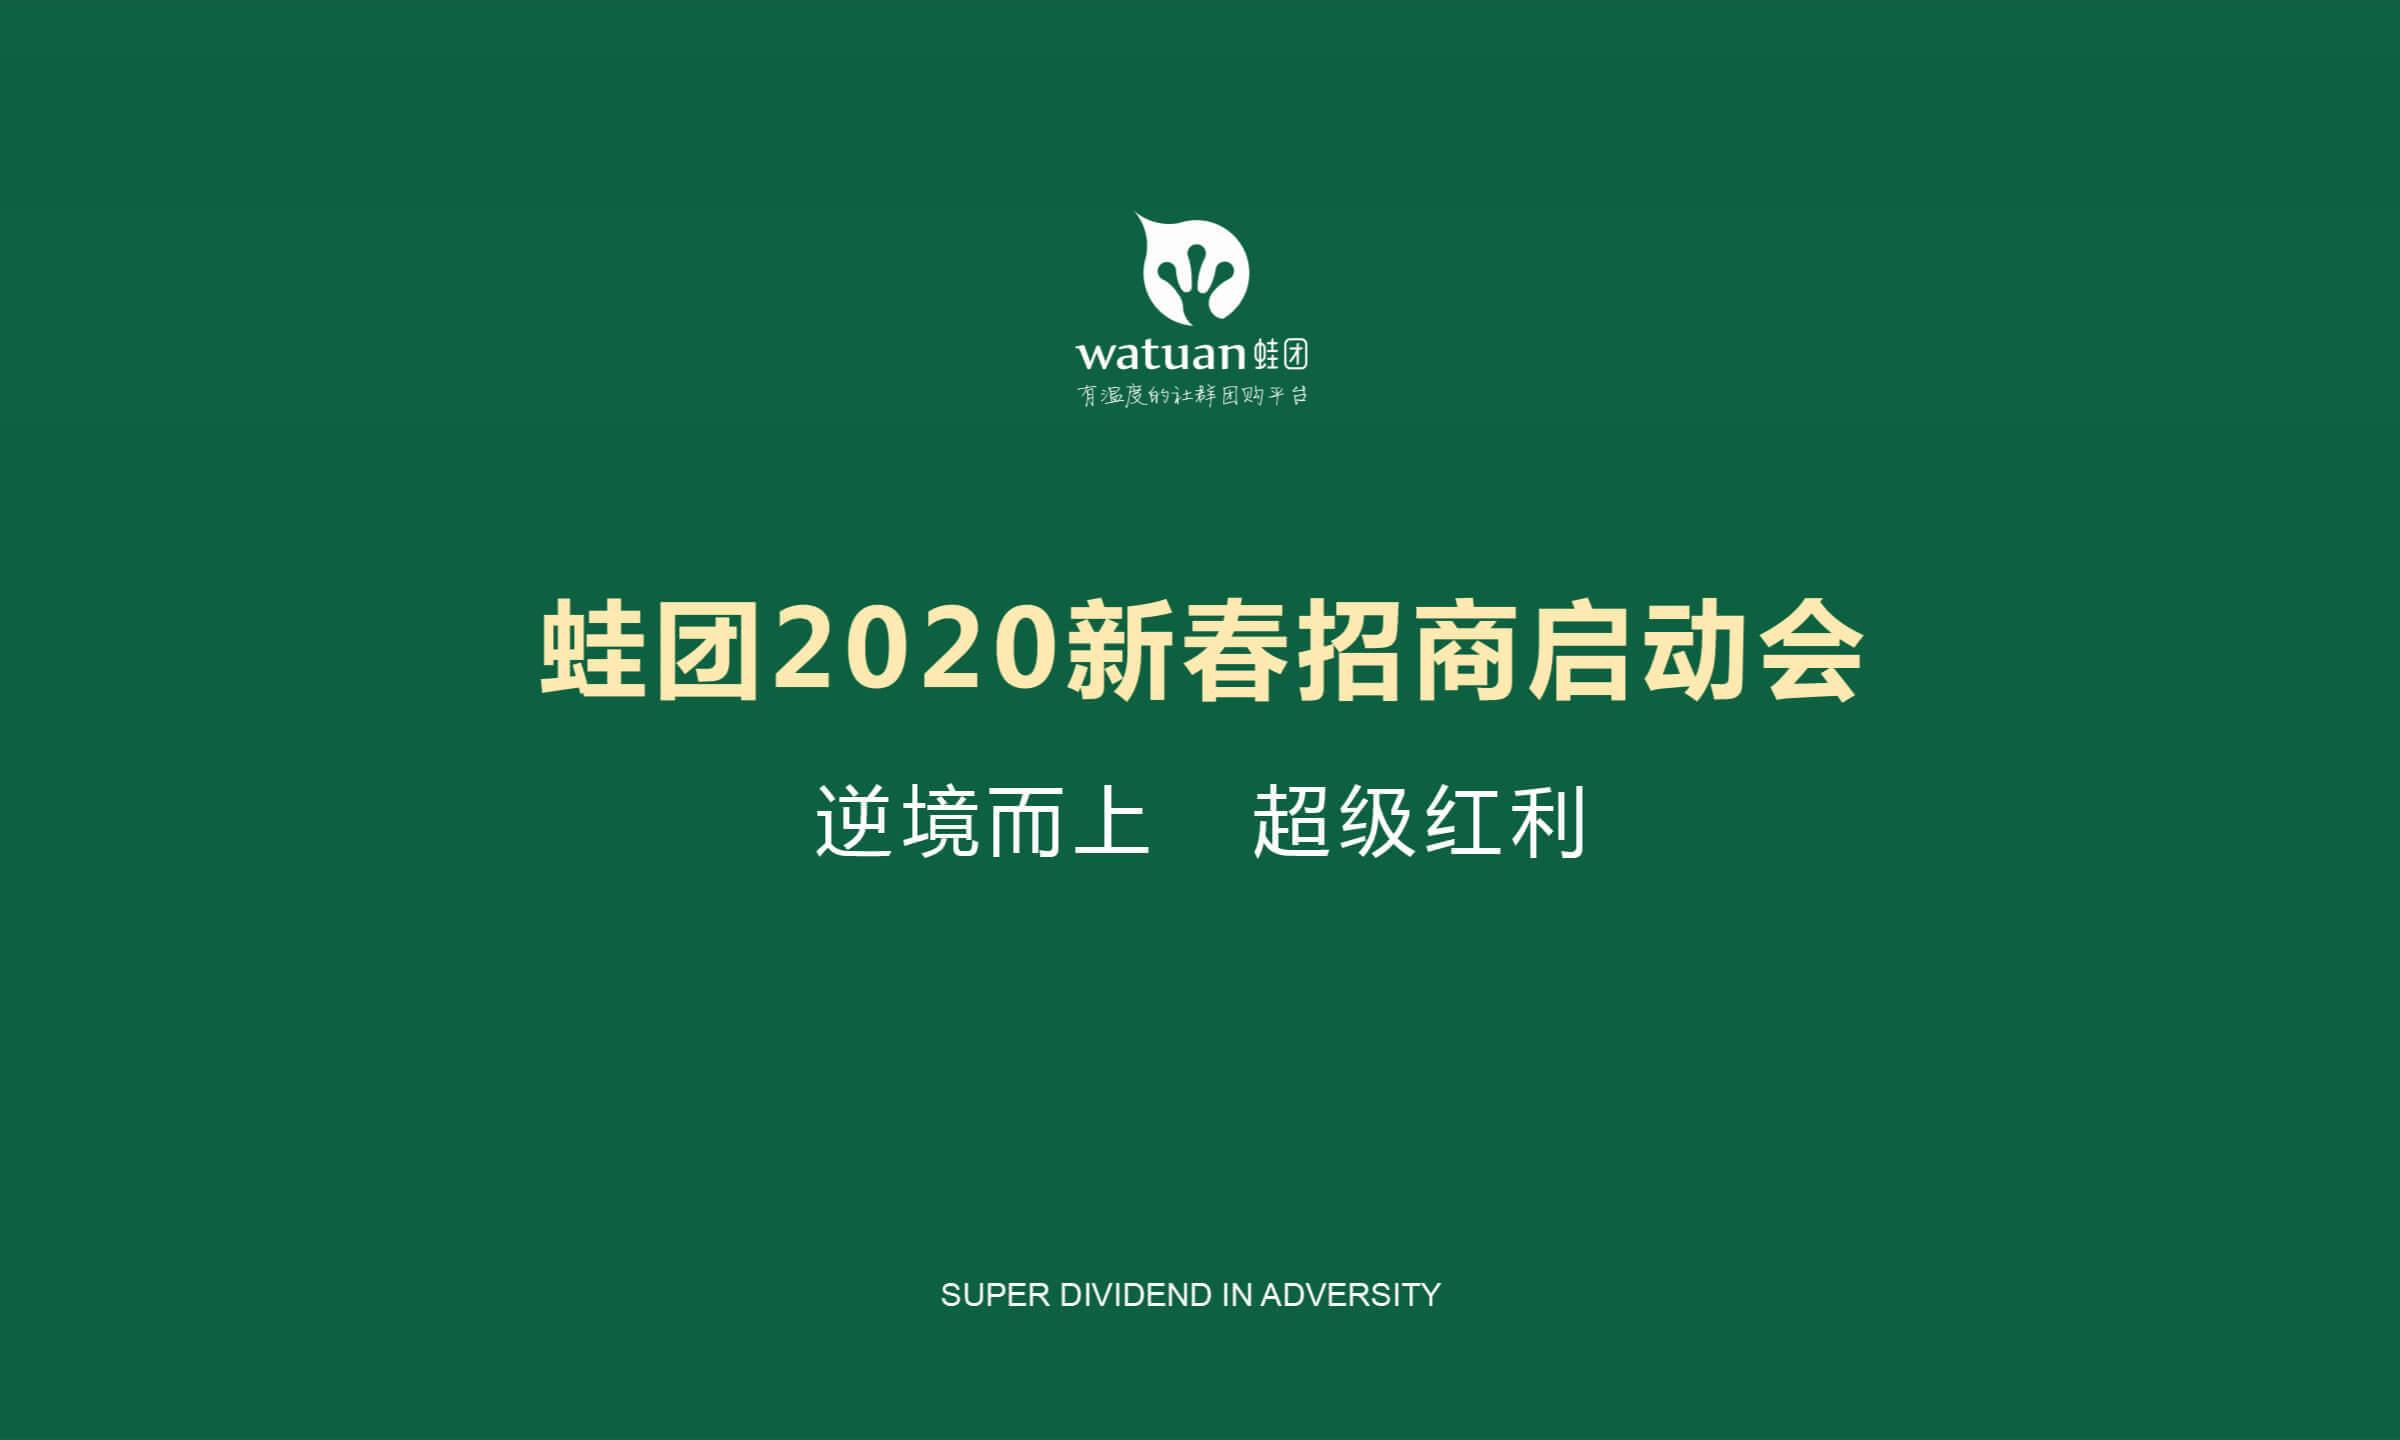 蛙团2020新春招商启动会